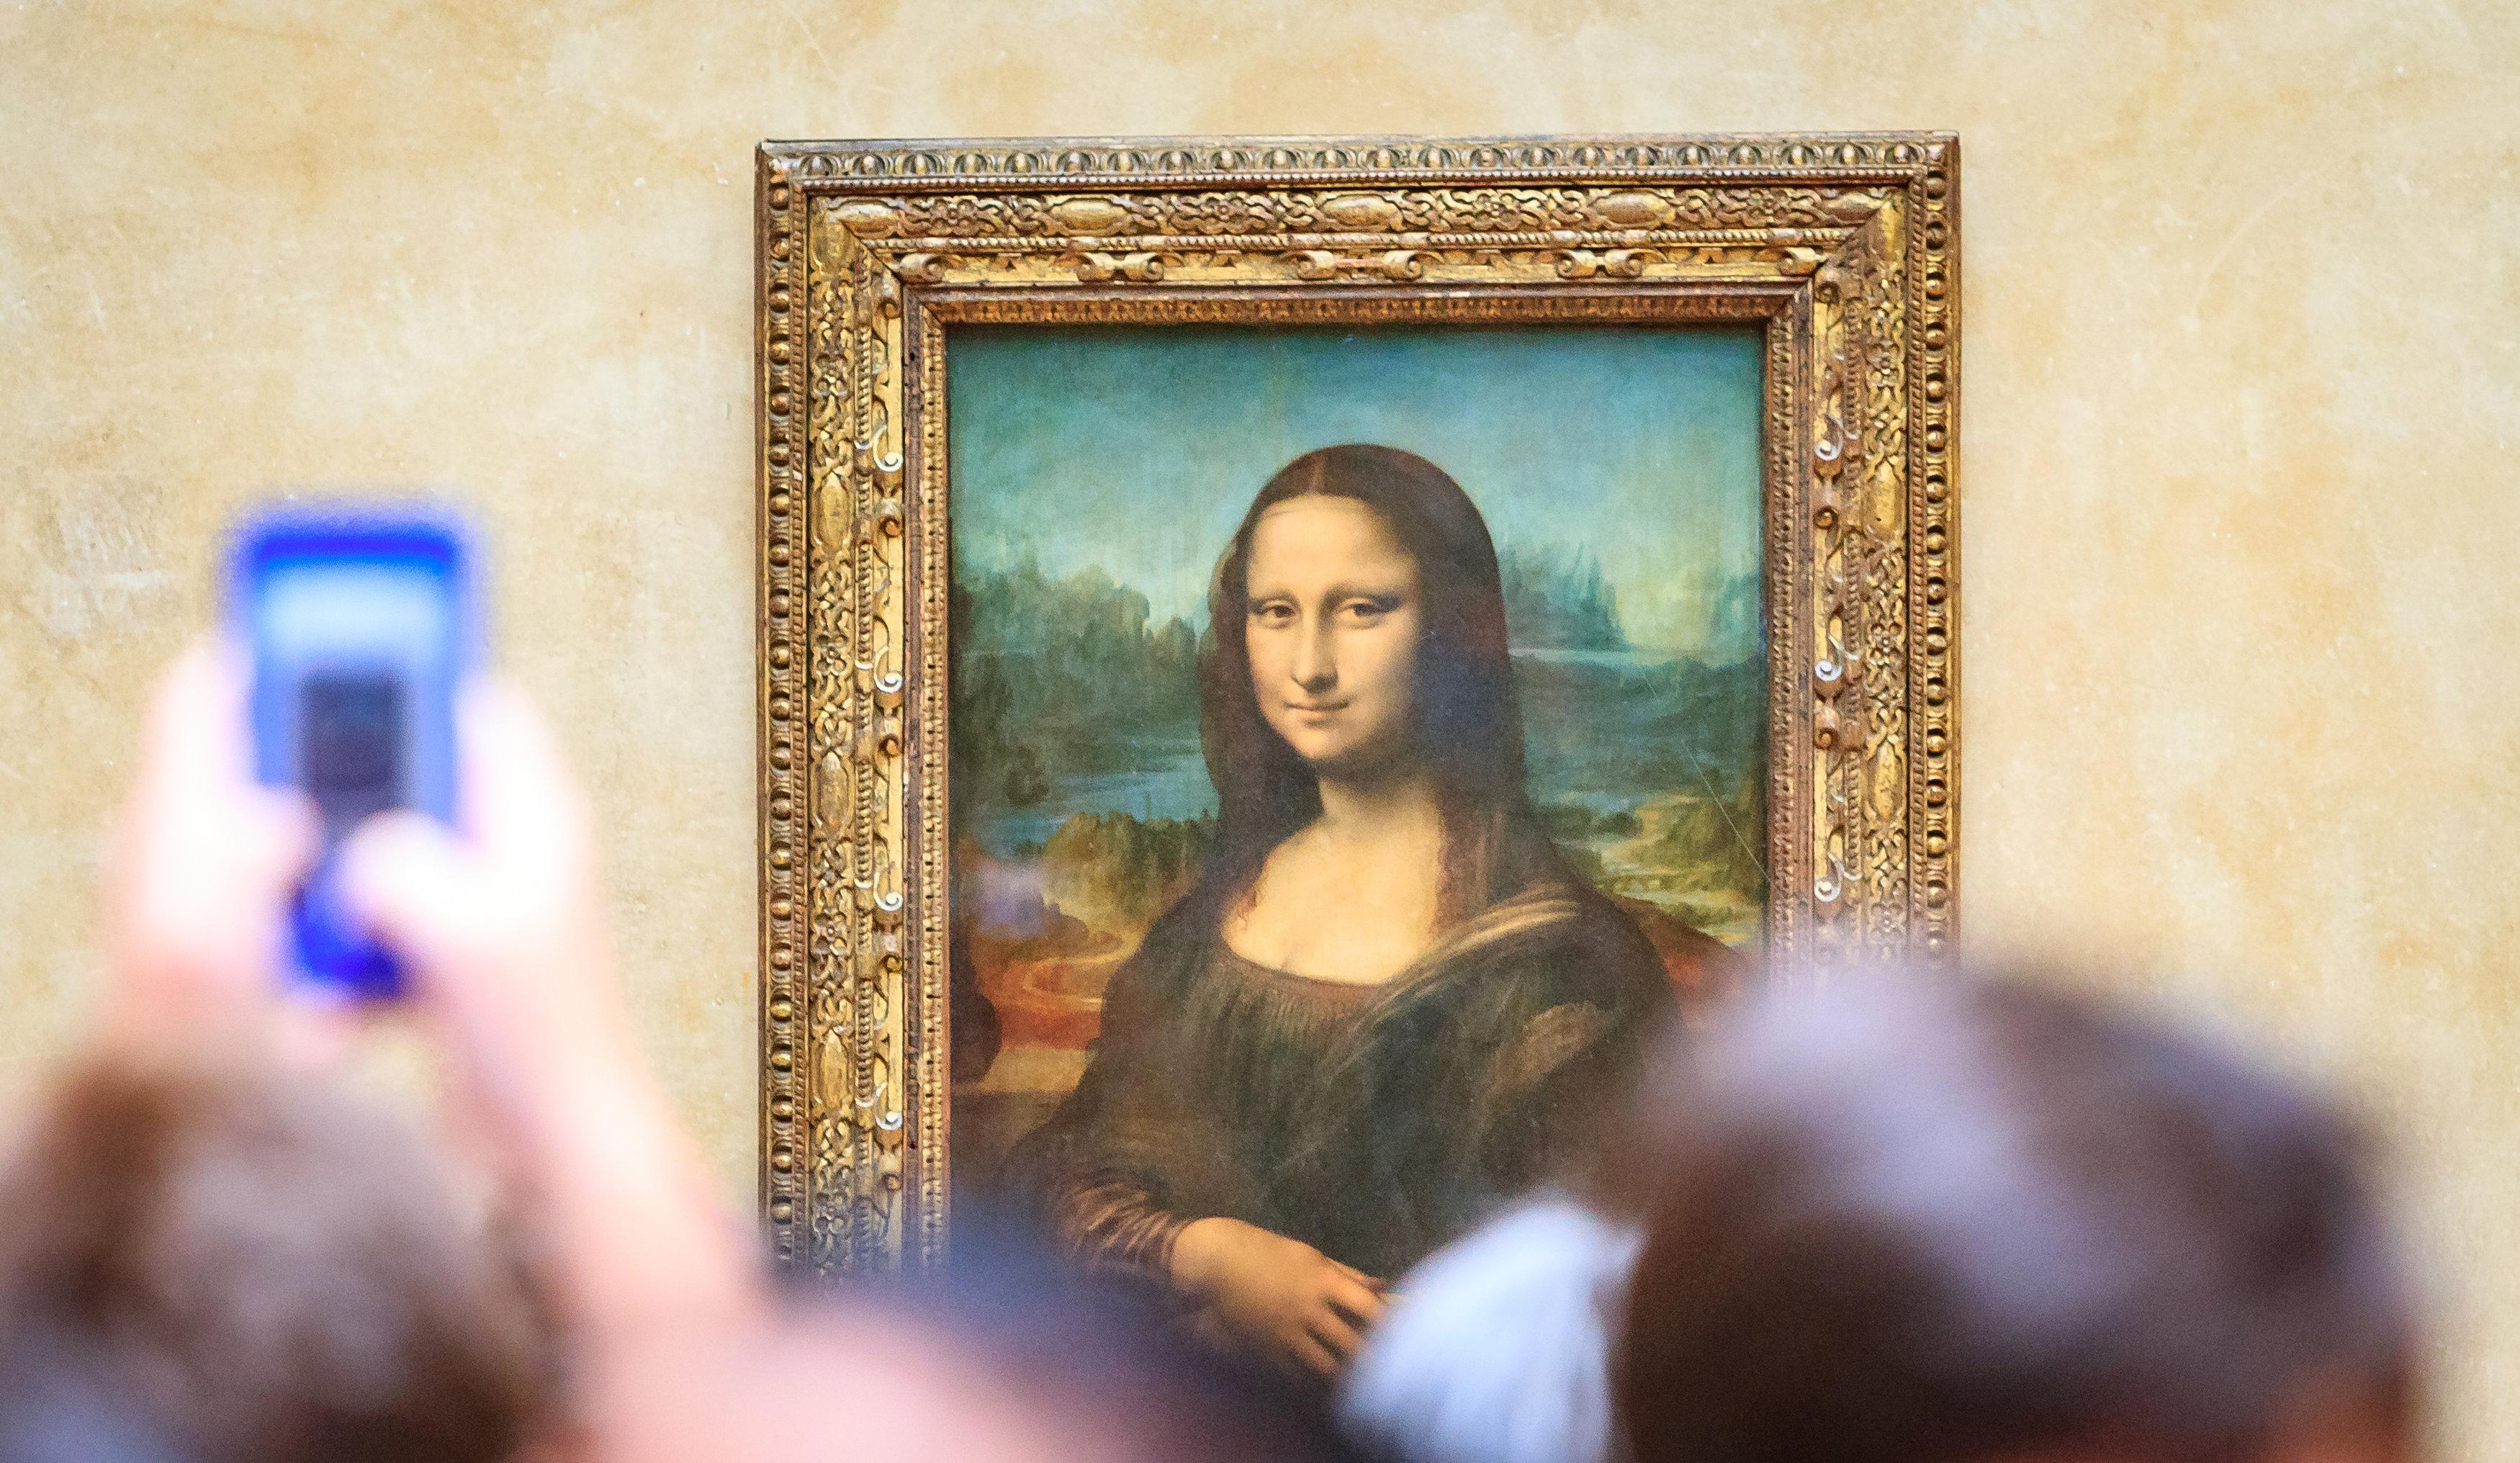 Megtalálhatták a Mona Lisa meztelen vázlatát